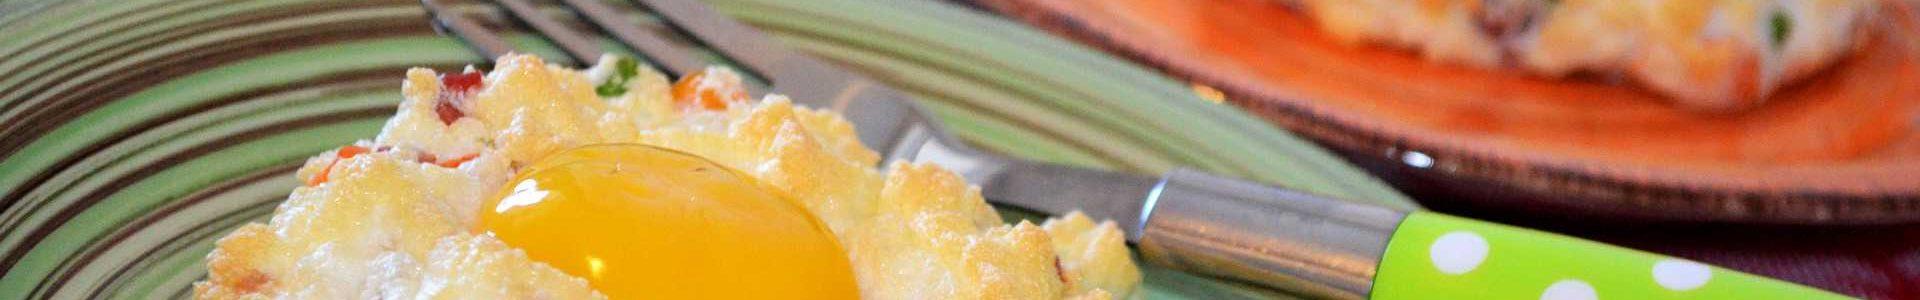 Воздушная яичница — отличный и красивый завтрак